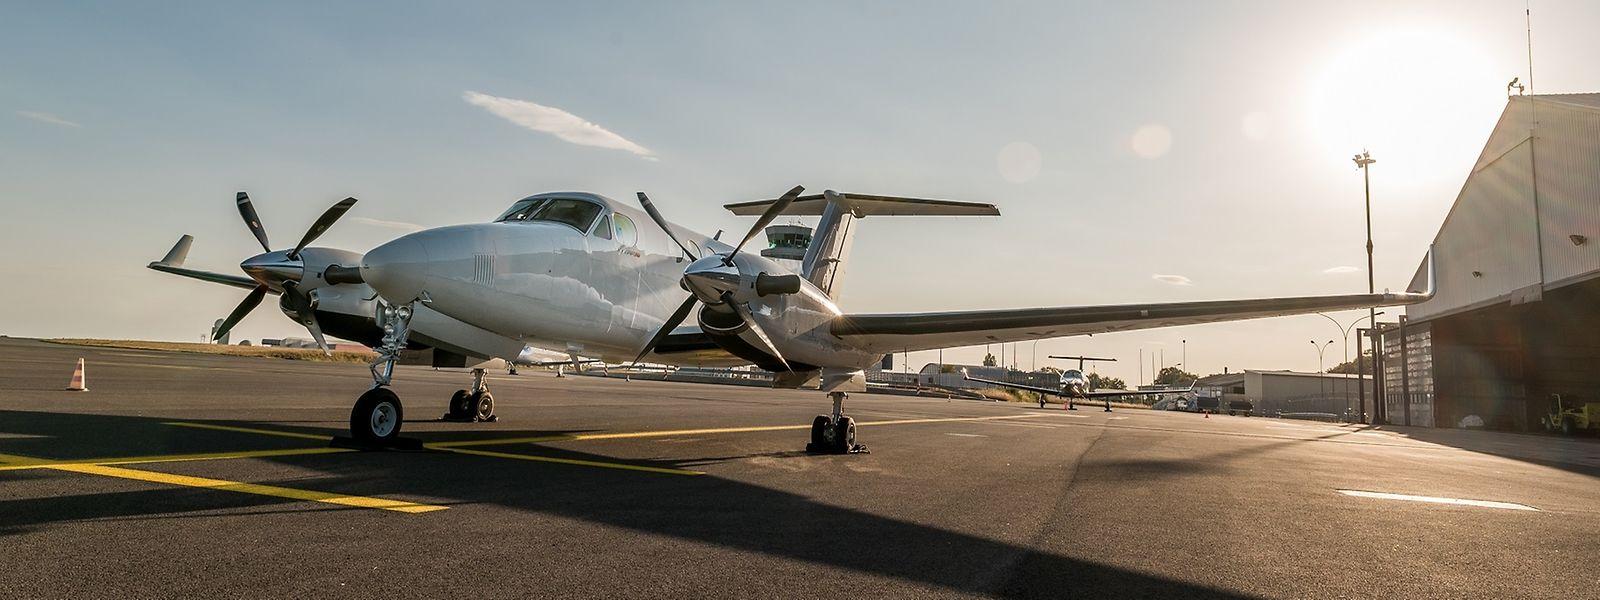 Aus der Krise geboren: der neue Luxemburger Anbieter für Flüge mit Businessflugzeug, Flyer, setzt auf Kurzstrecke und damit auf Turboprop-Maschinen.